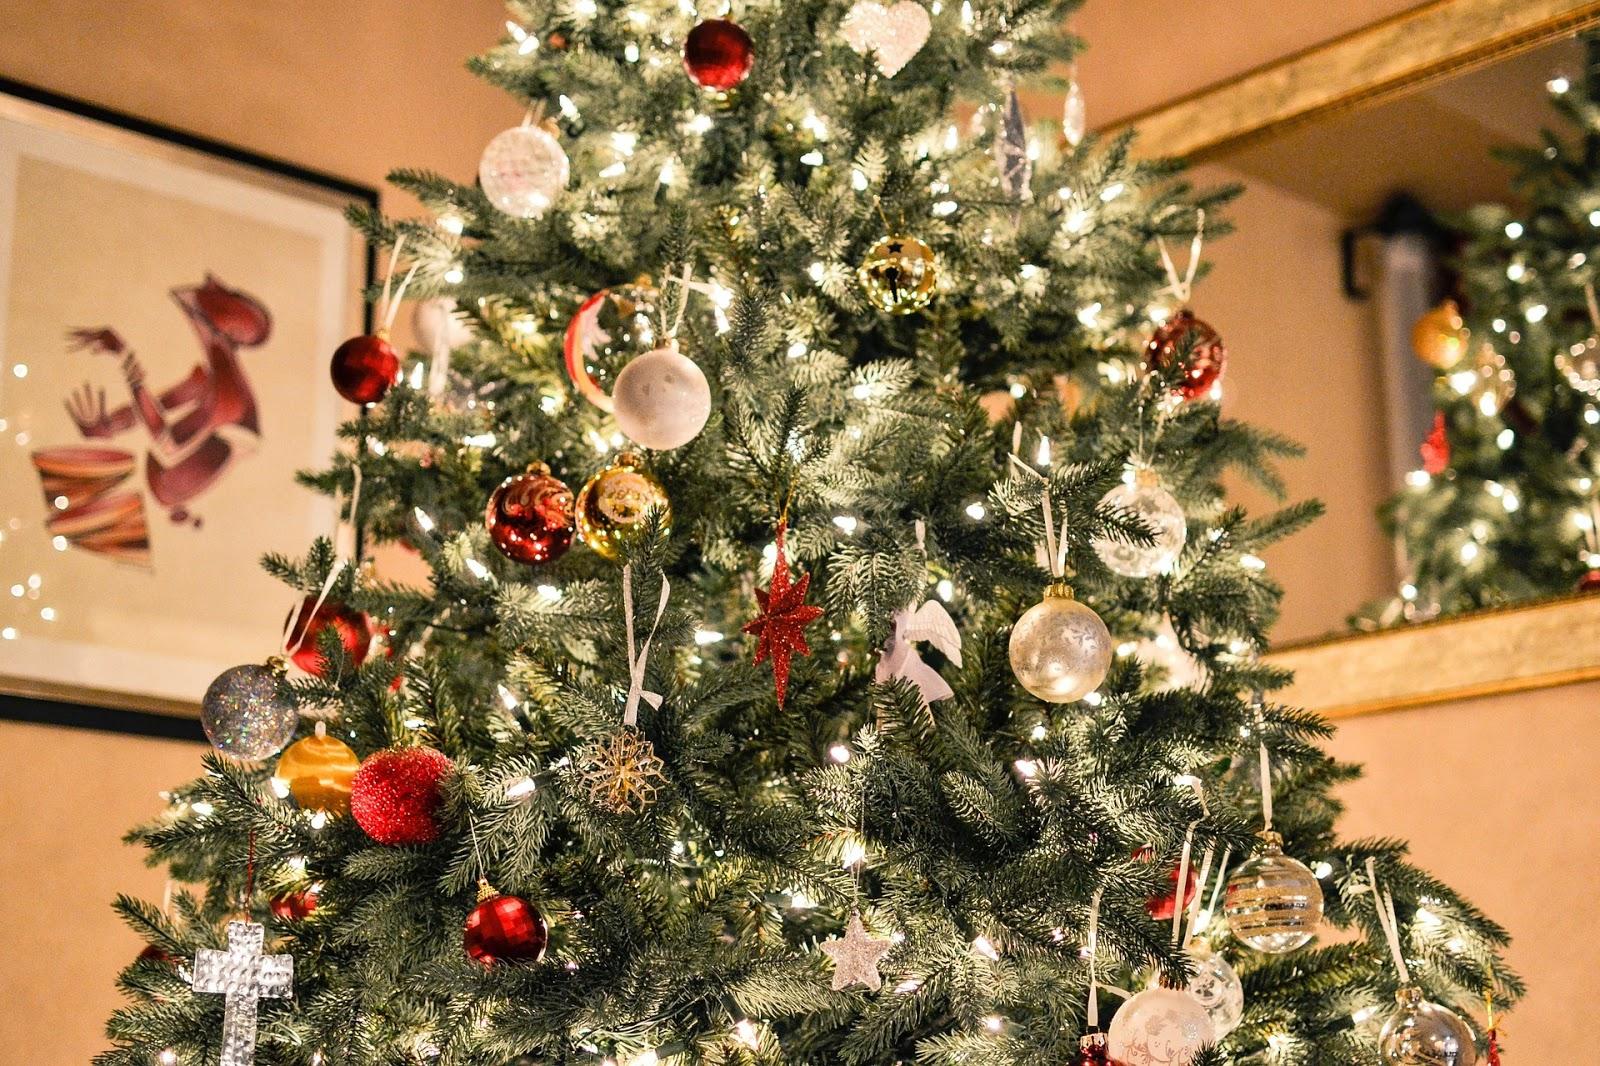 Weihnachtsbaum Echt Oder Künstlich.Künstlicher Weihnachtsbaum Test Diese Tannenbäume Sehen Aus Wie Echt